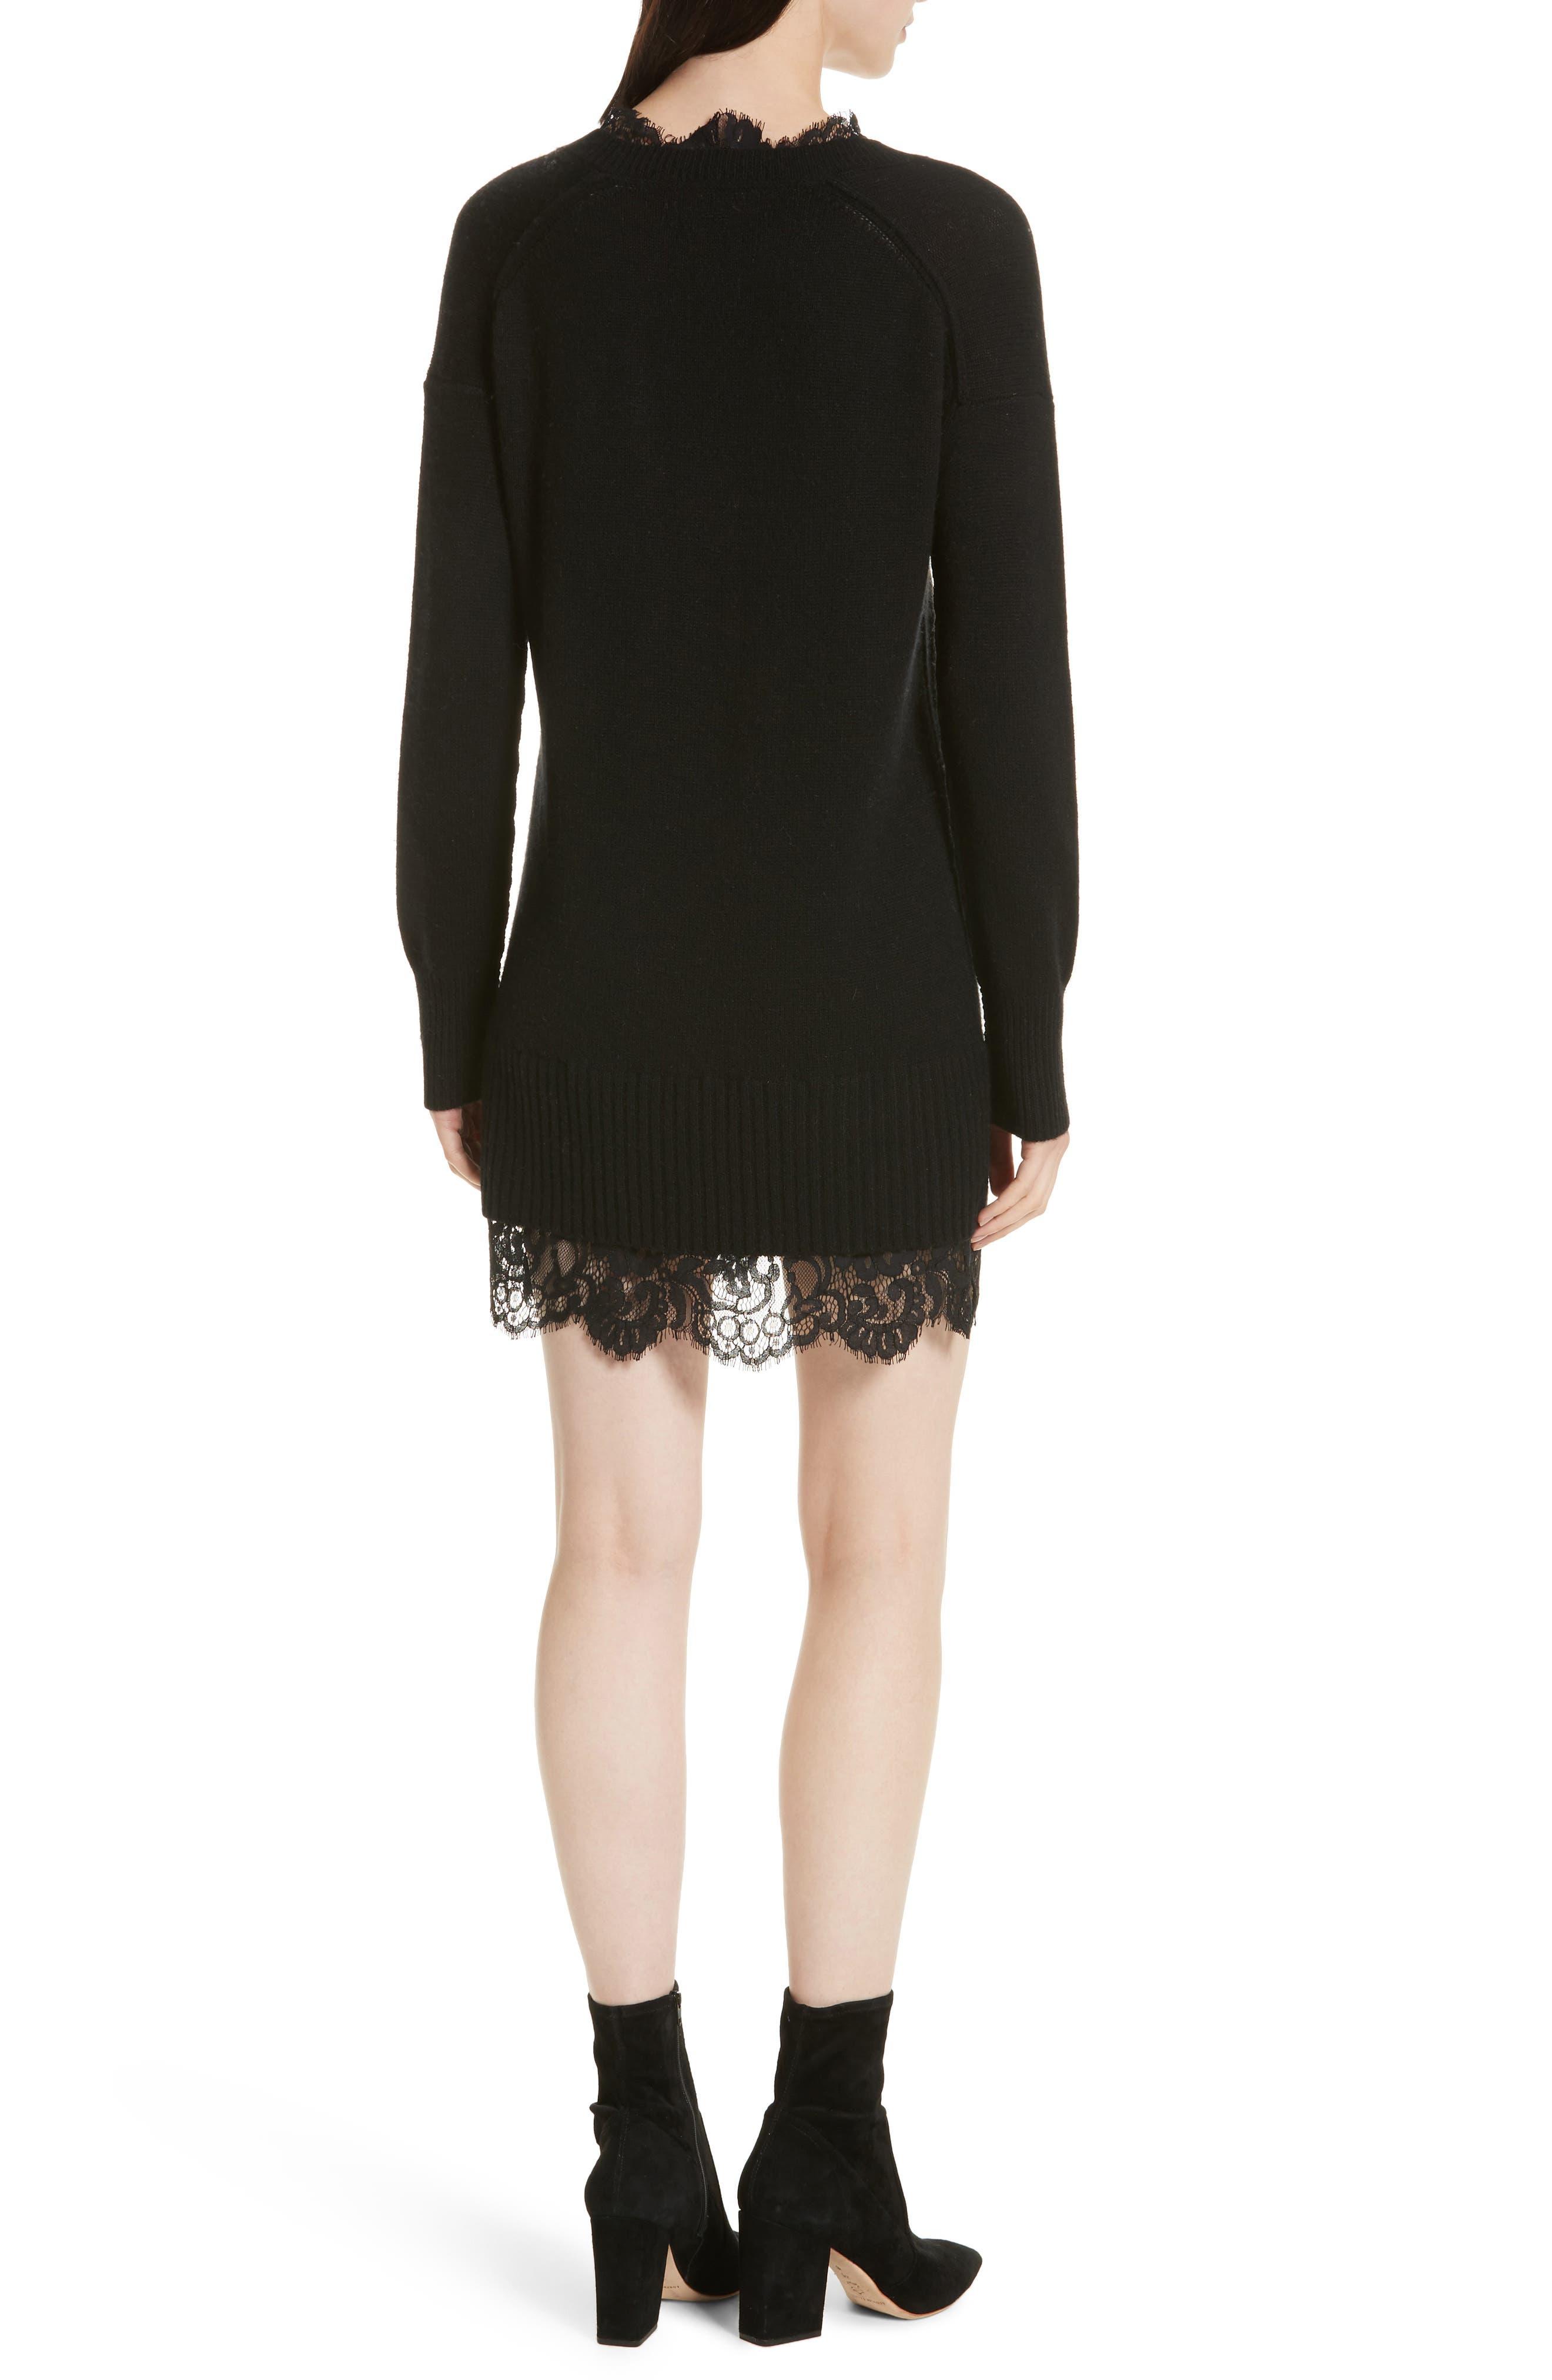 BROCHU WALKER,                             Lace Looker Sweater Dress,                             Alternate thumbnail 2, color,                             001